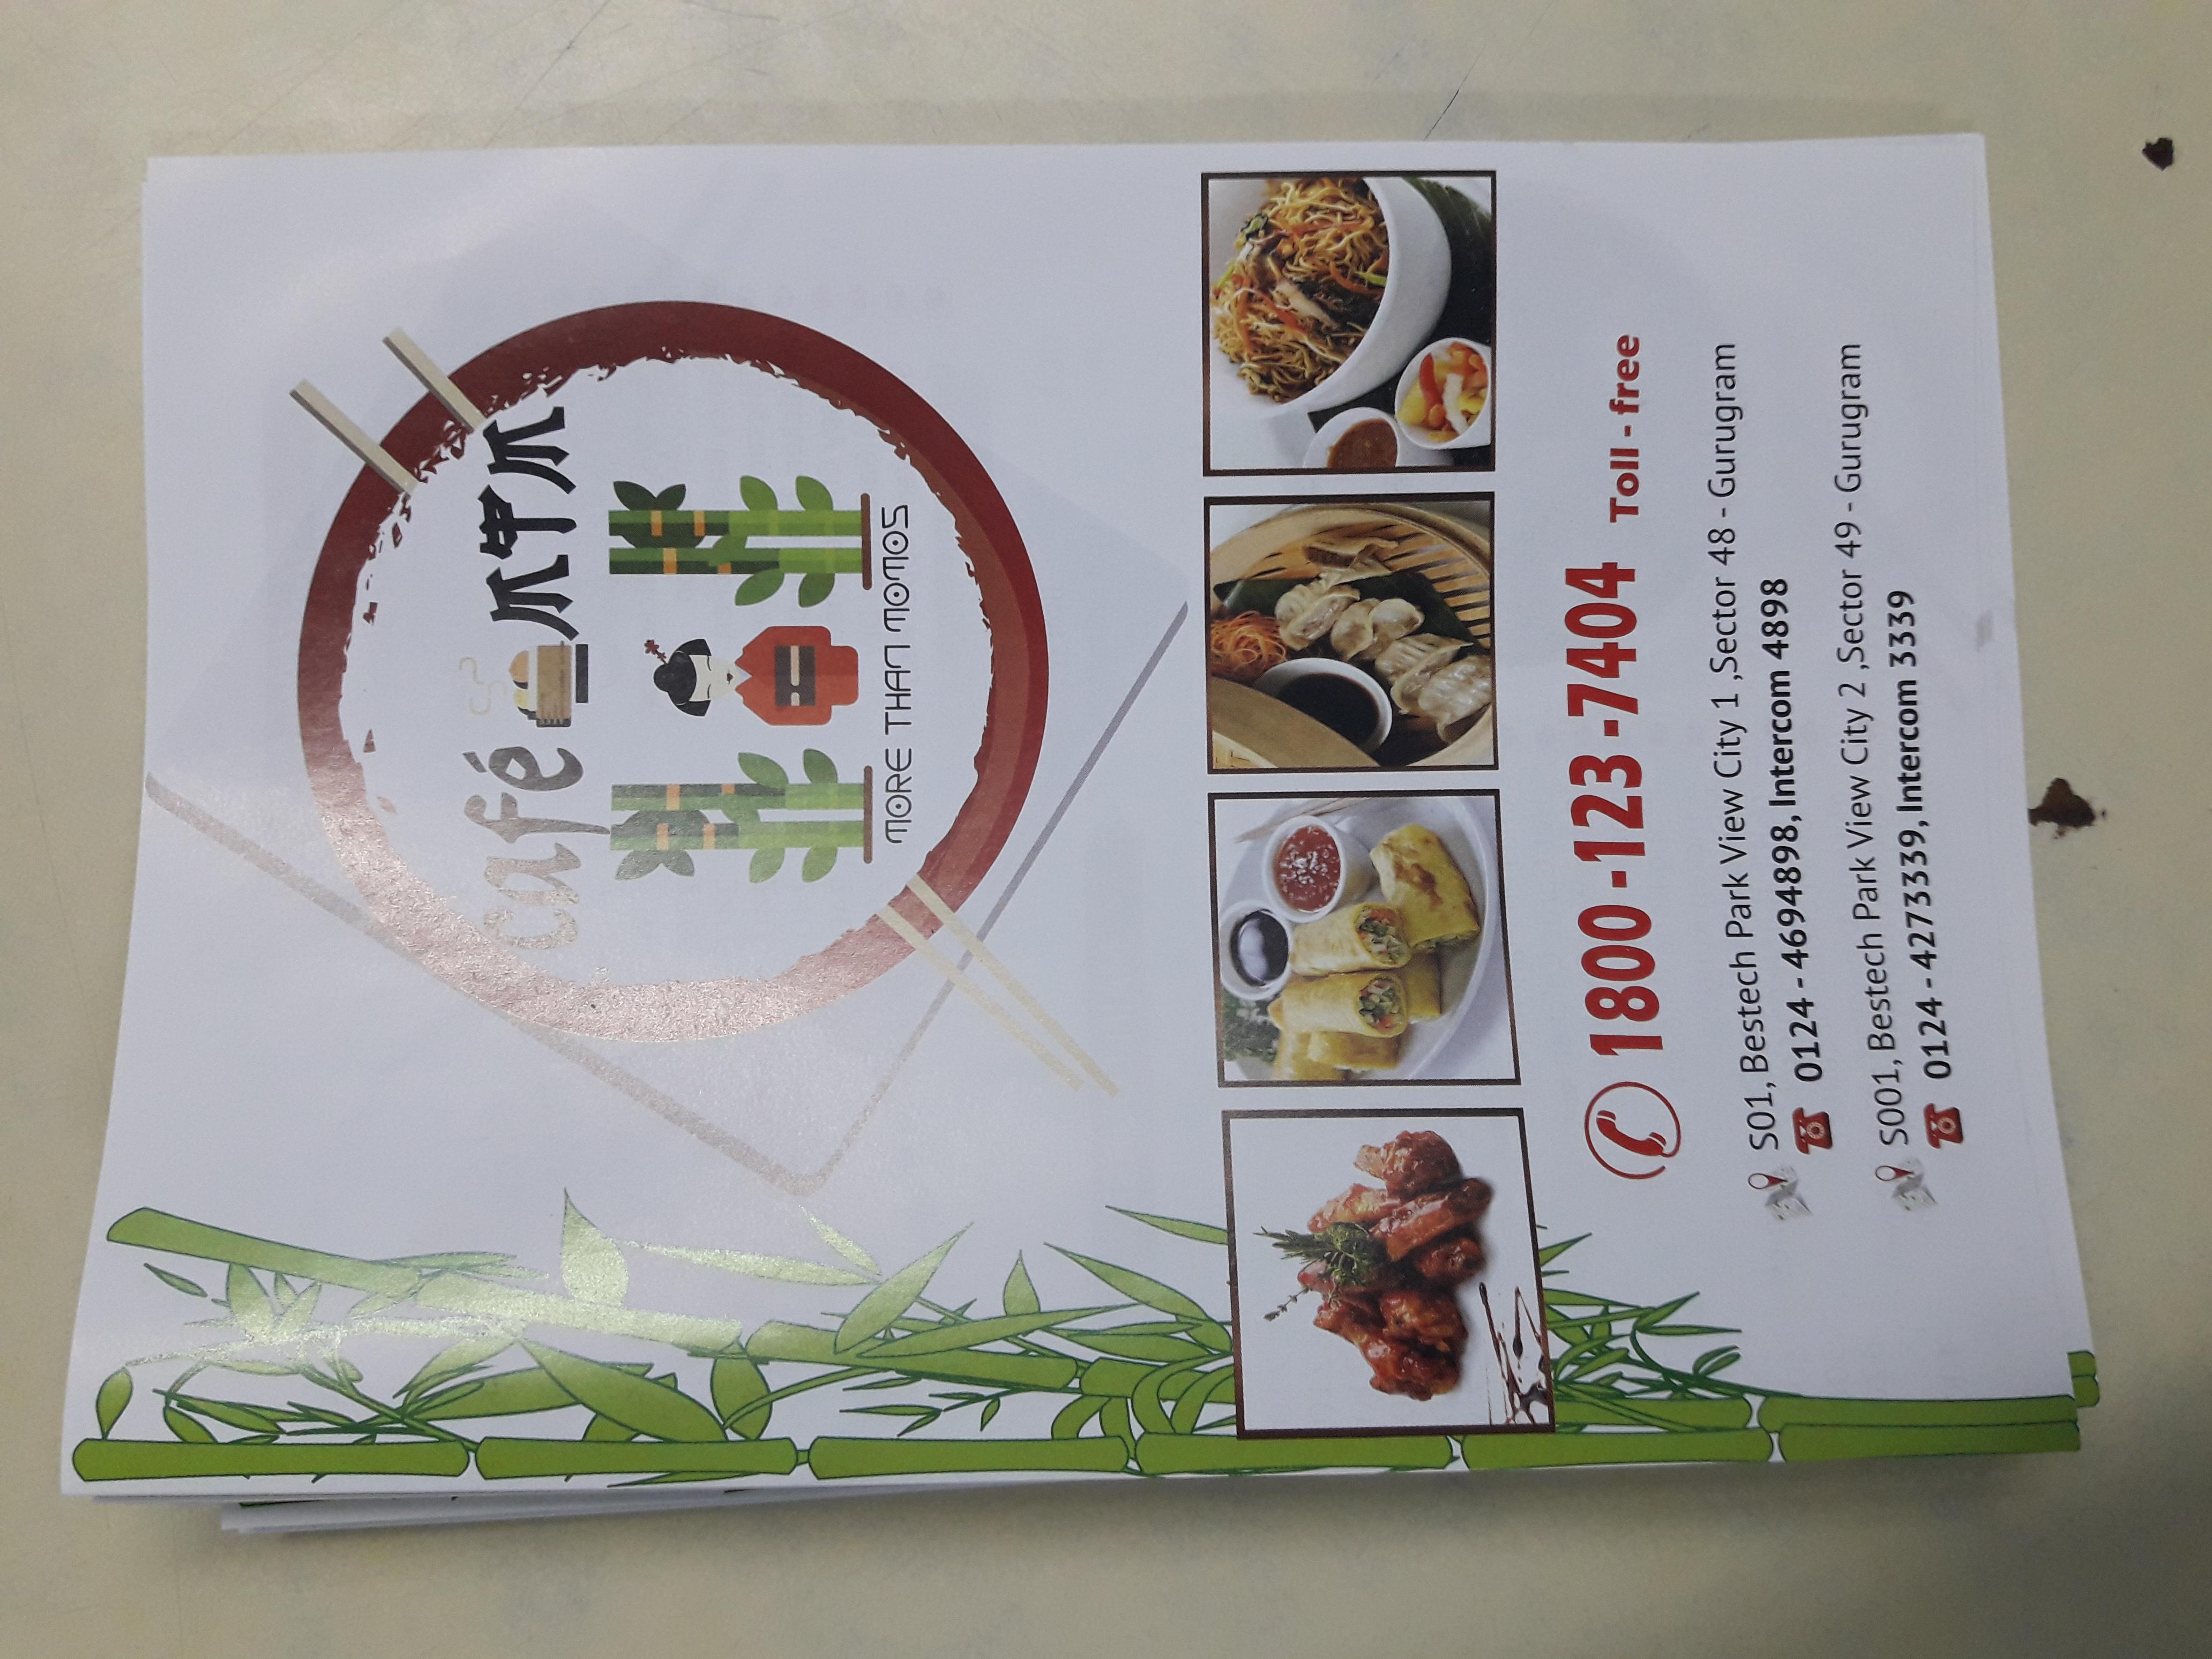 A4 size Restaurants menu folder